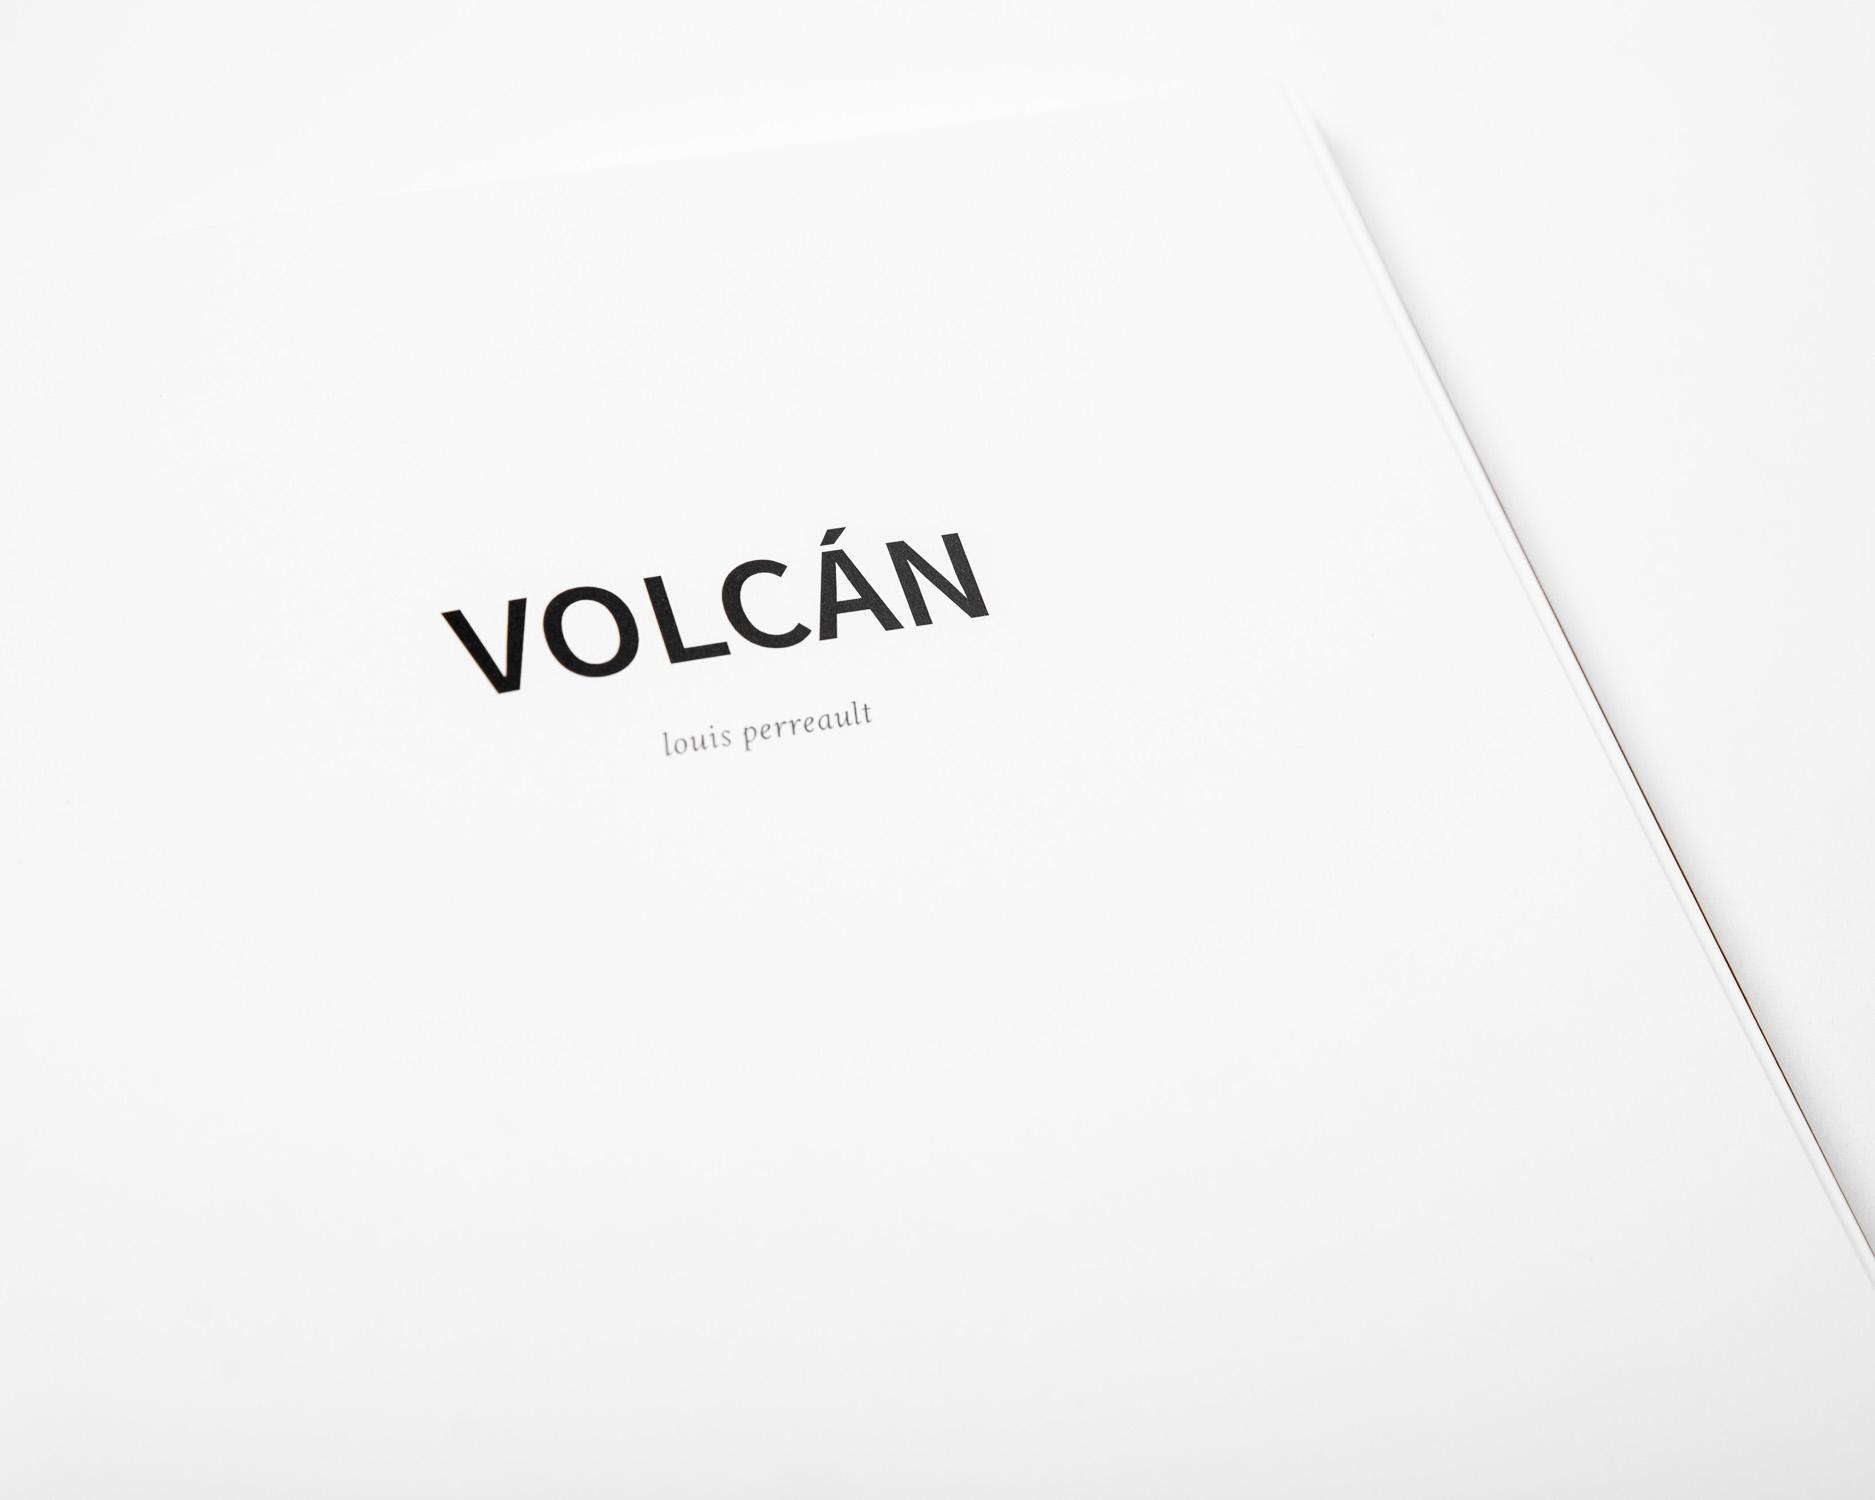 volcan_set2_15